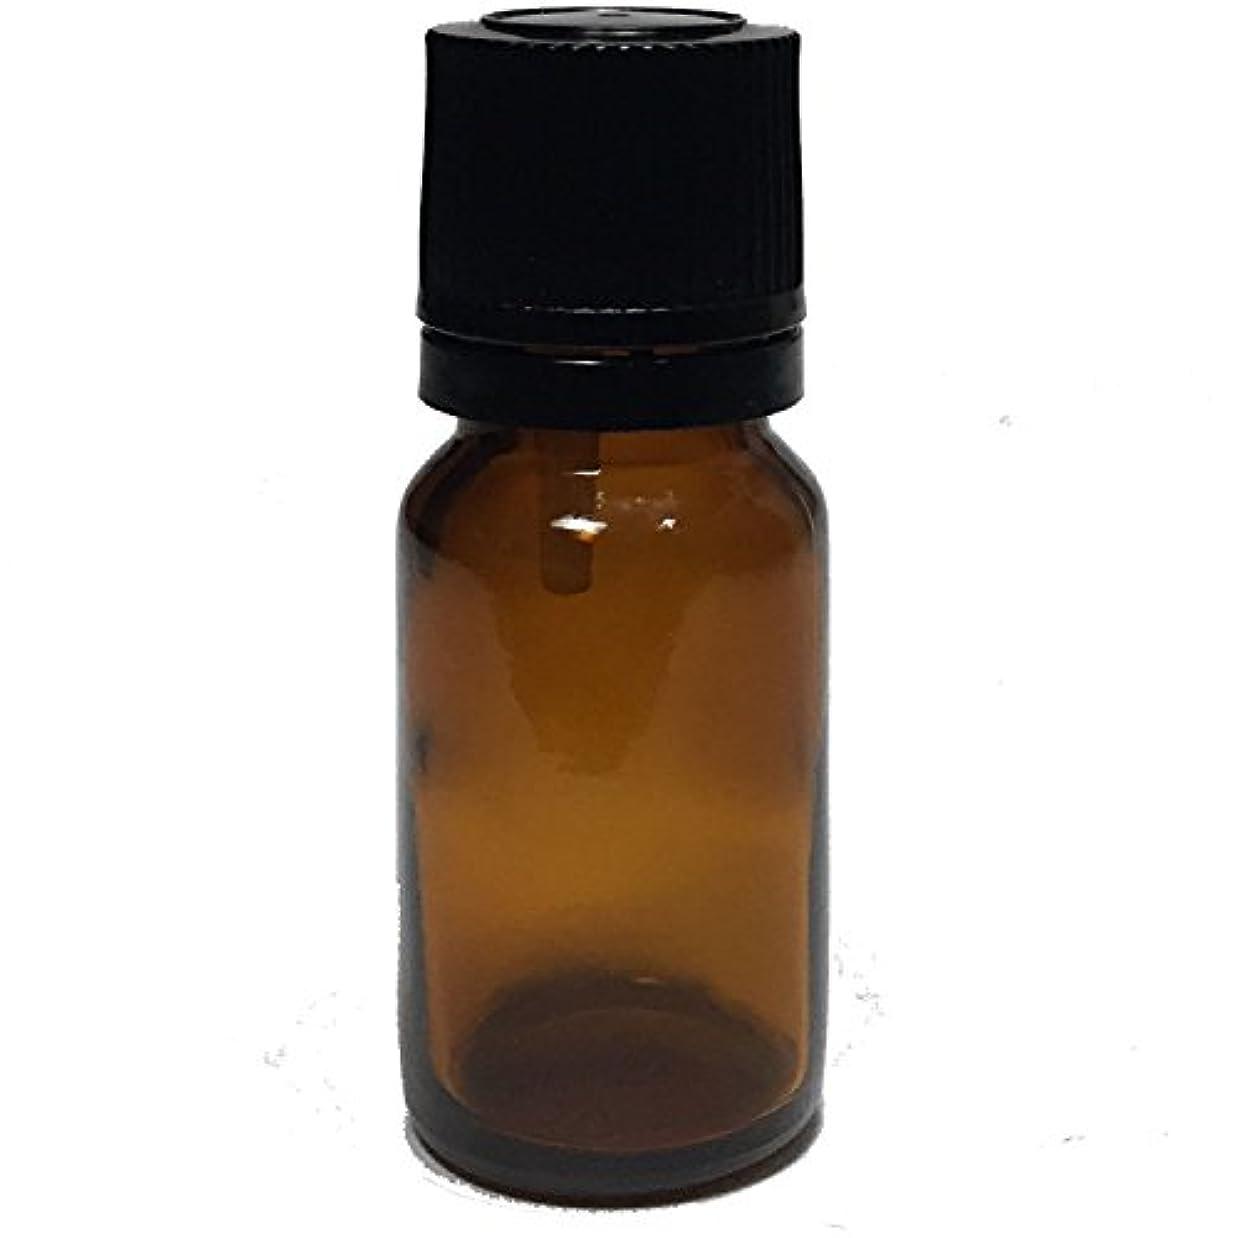 お香店主骨の折れるエッセンシャルオイル用茶色遮光瓶 ドロッパー付き 黒キャップ 10ml ガラスビン 10本セット